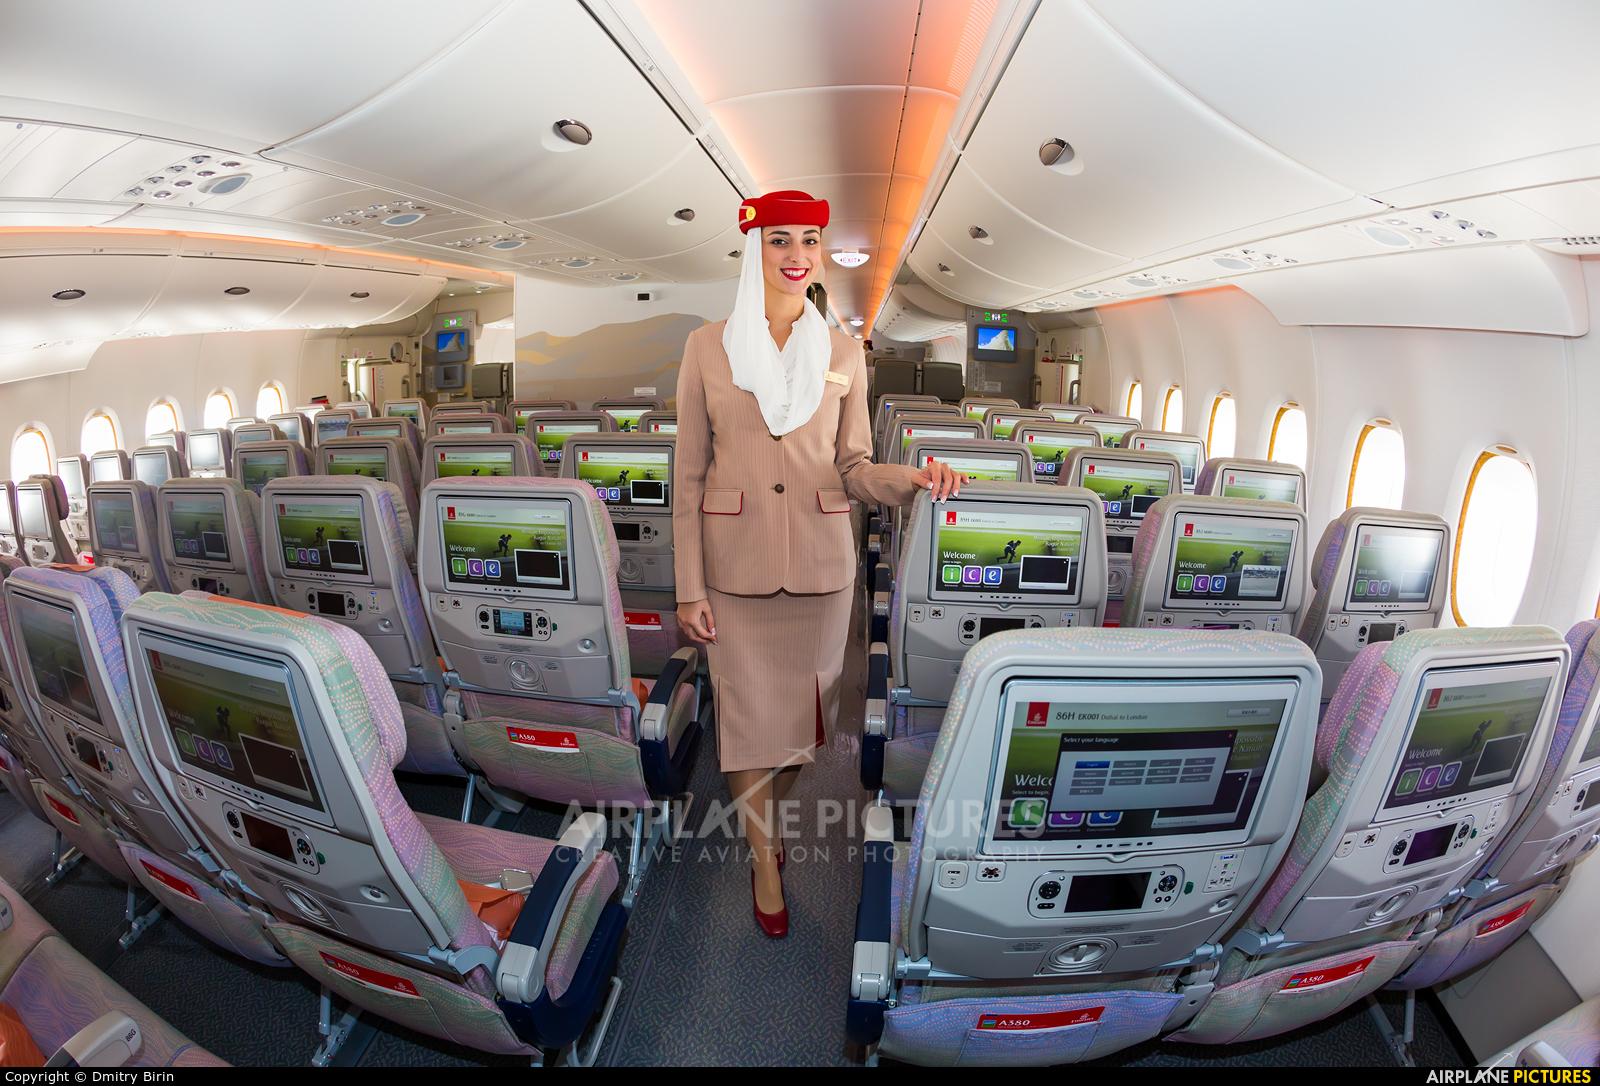 Emirates Airlines A6-EOP aircraft at Jebel Ali Al Maktoum Intl